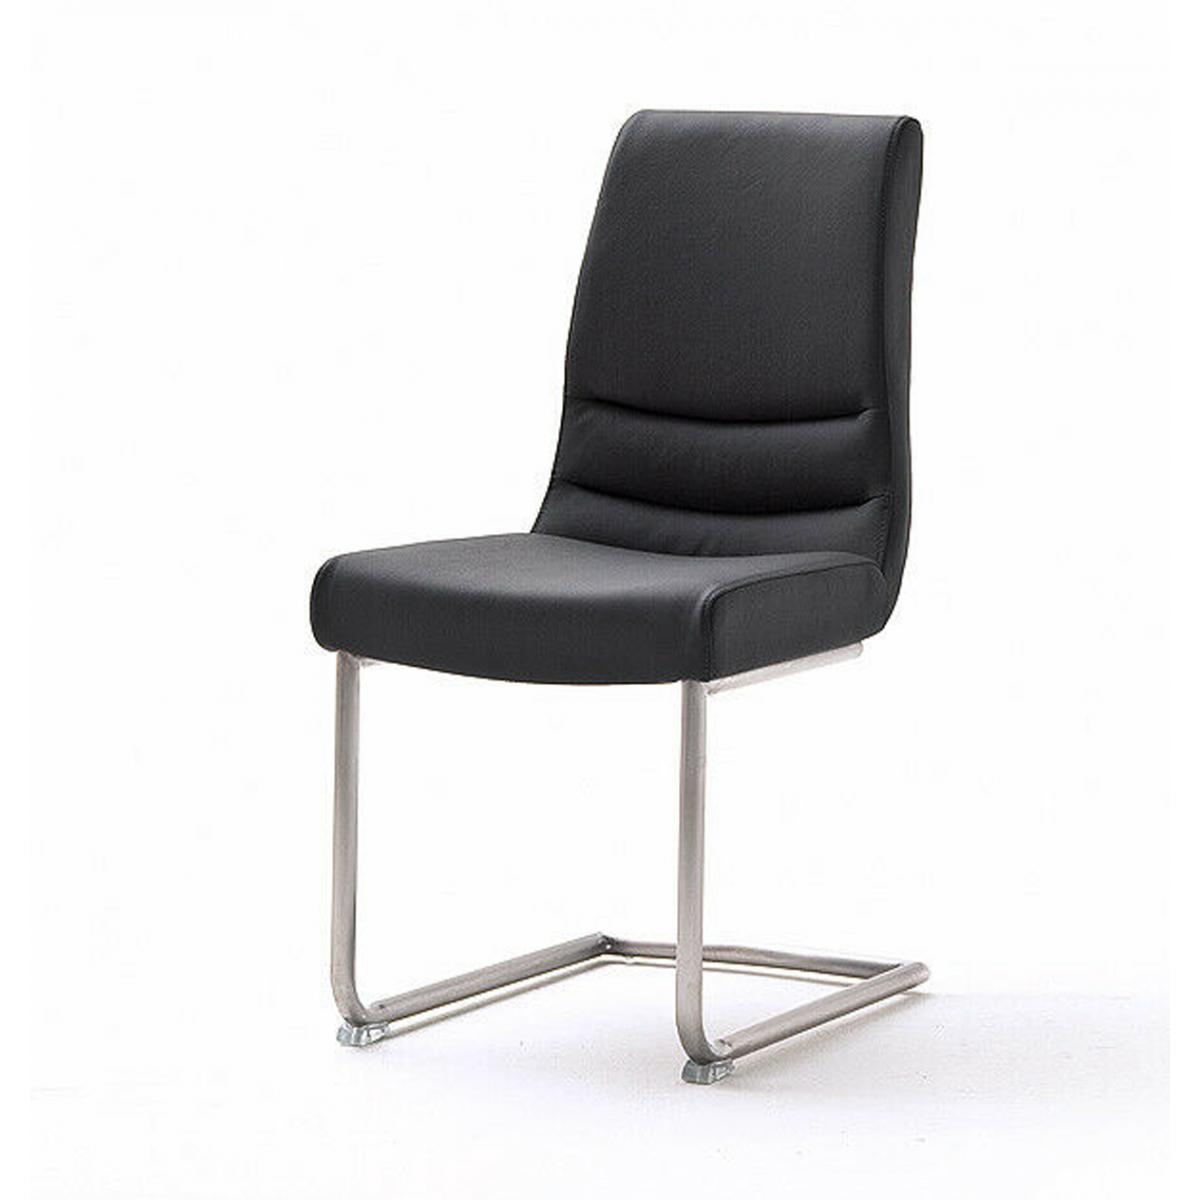 Pegane Lot de 2 chaises de salle à manger en acier et cuir noir - L.45 x H.90 x P.63 cm -PEGANE-